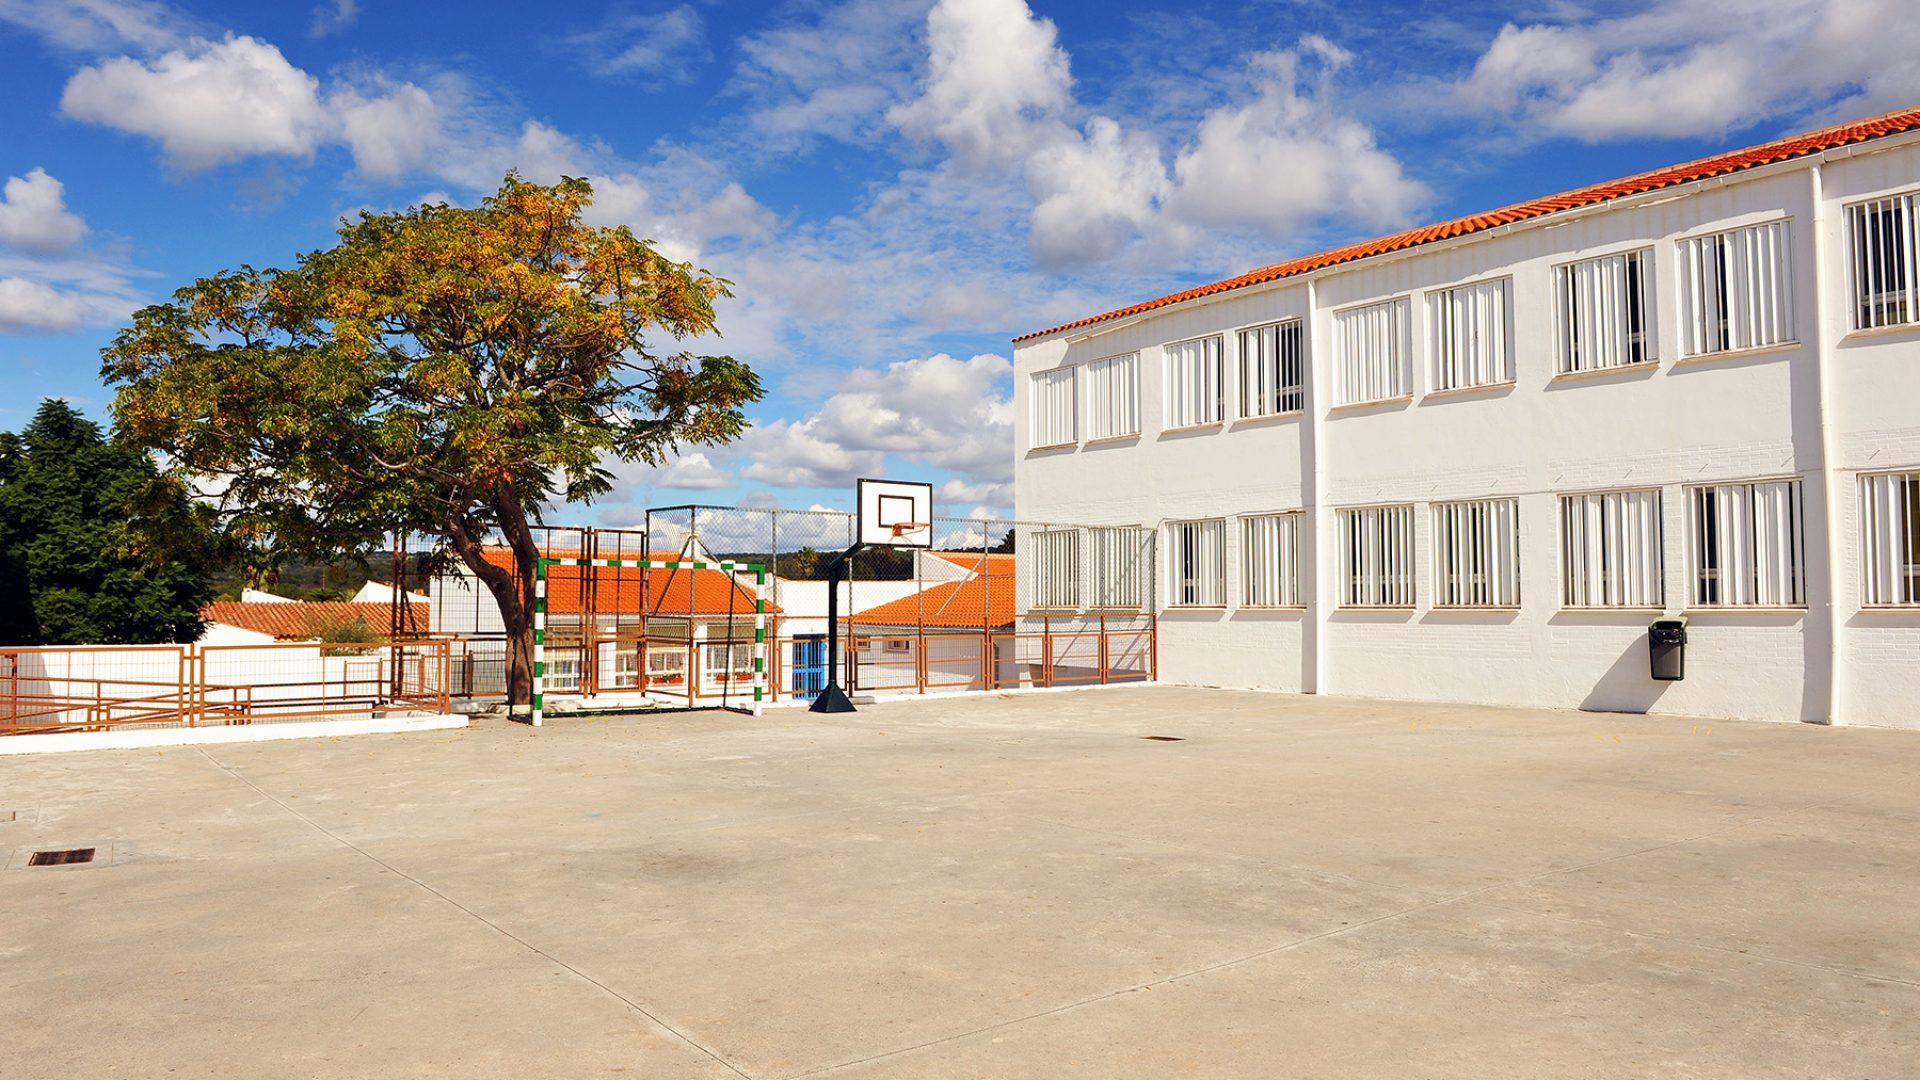 International schools in Spain